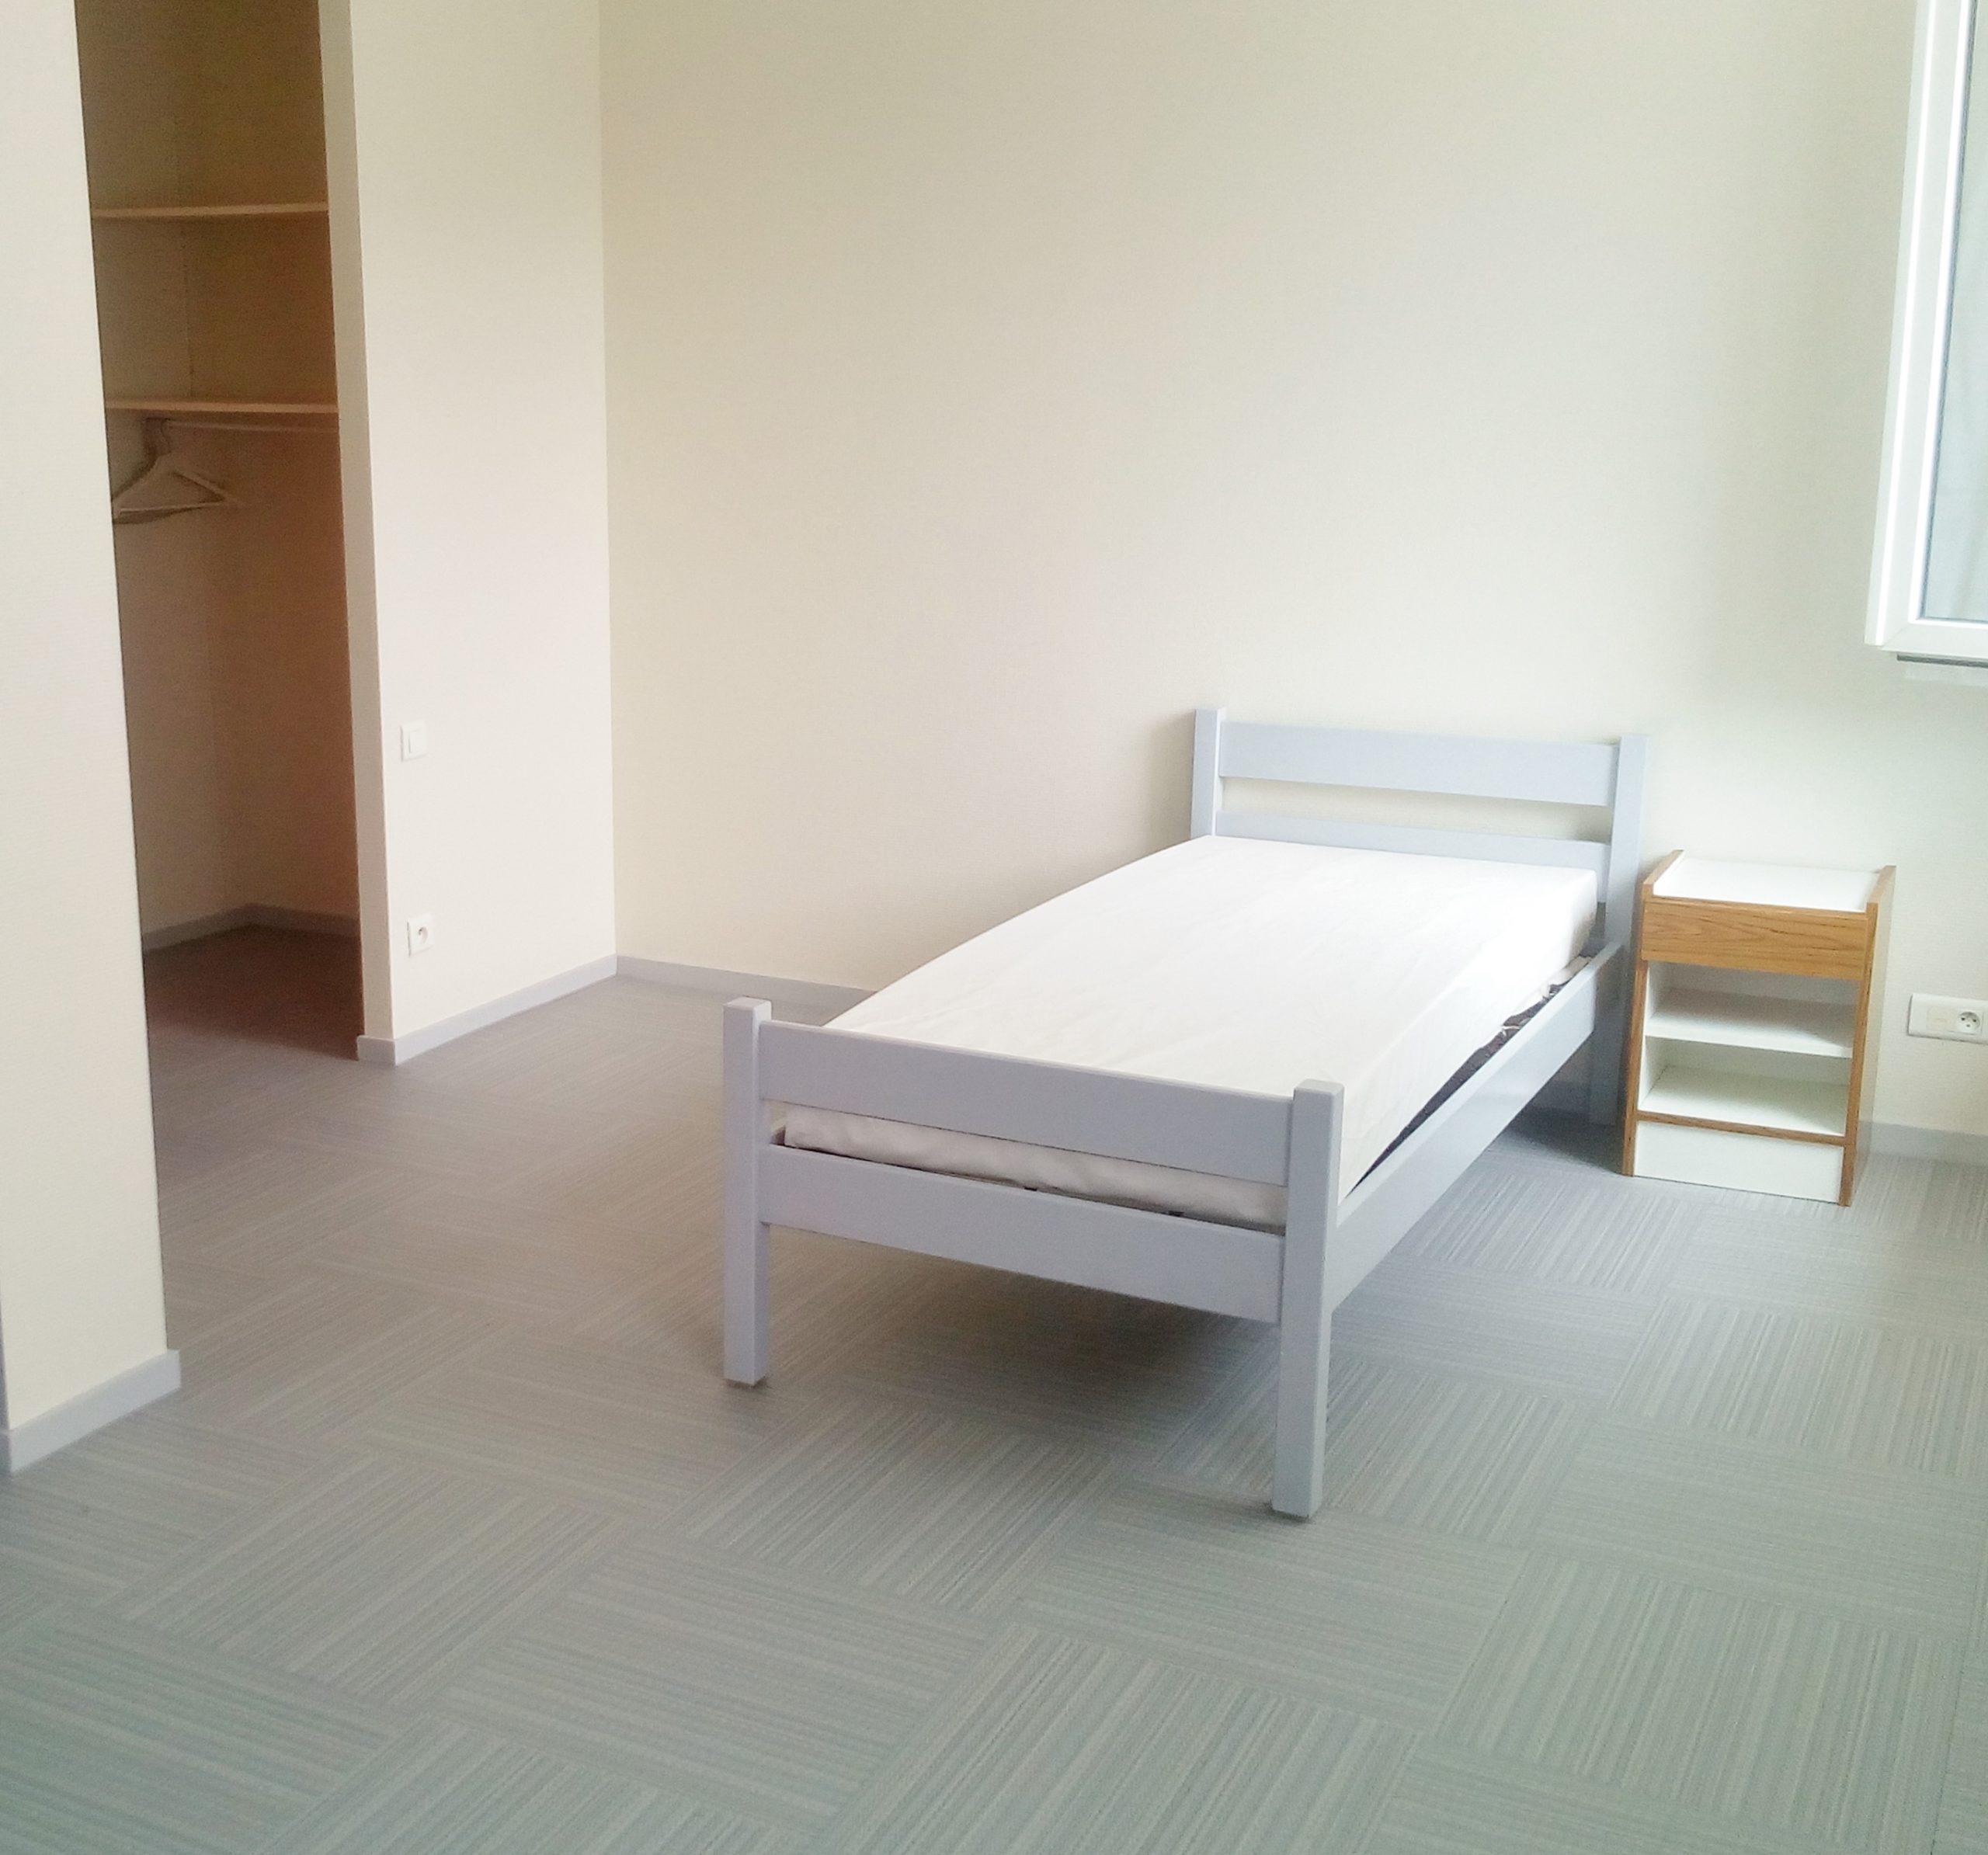 FJT-LACASSOTTE-location-de-chambres-05